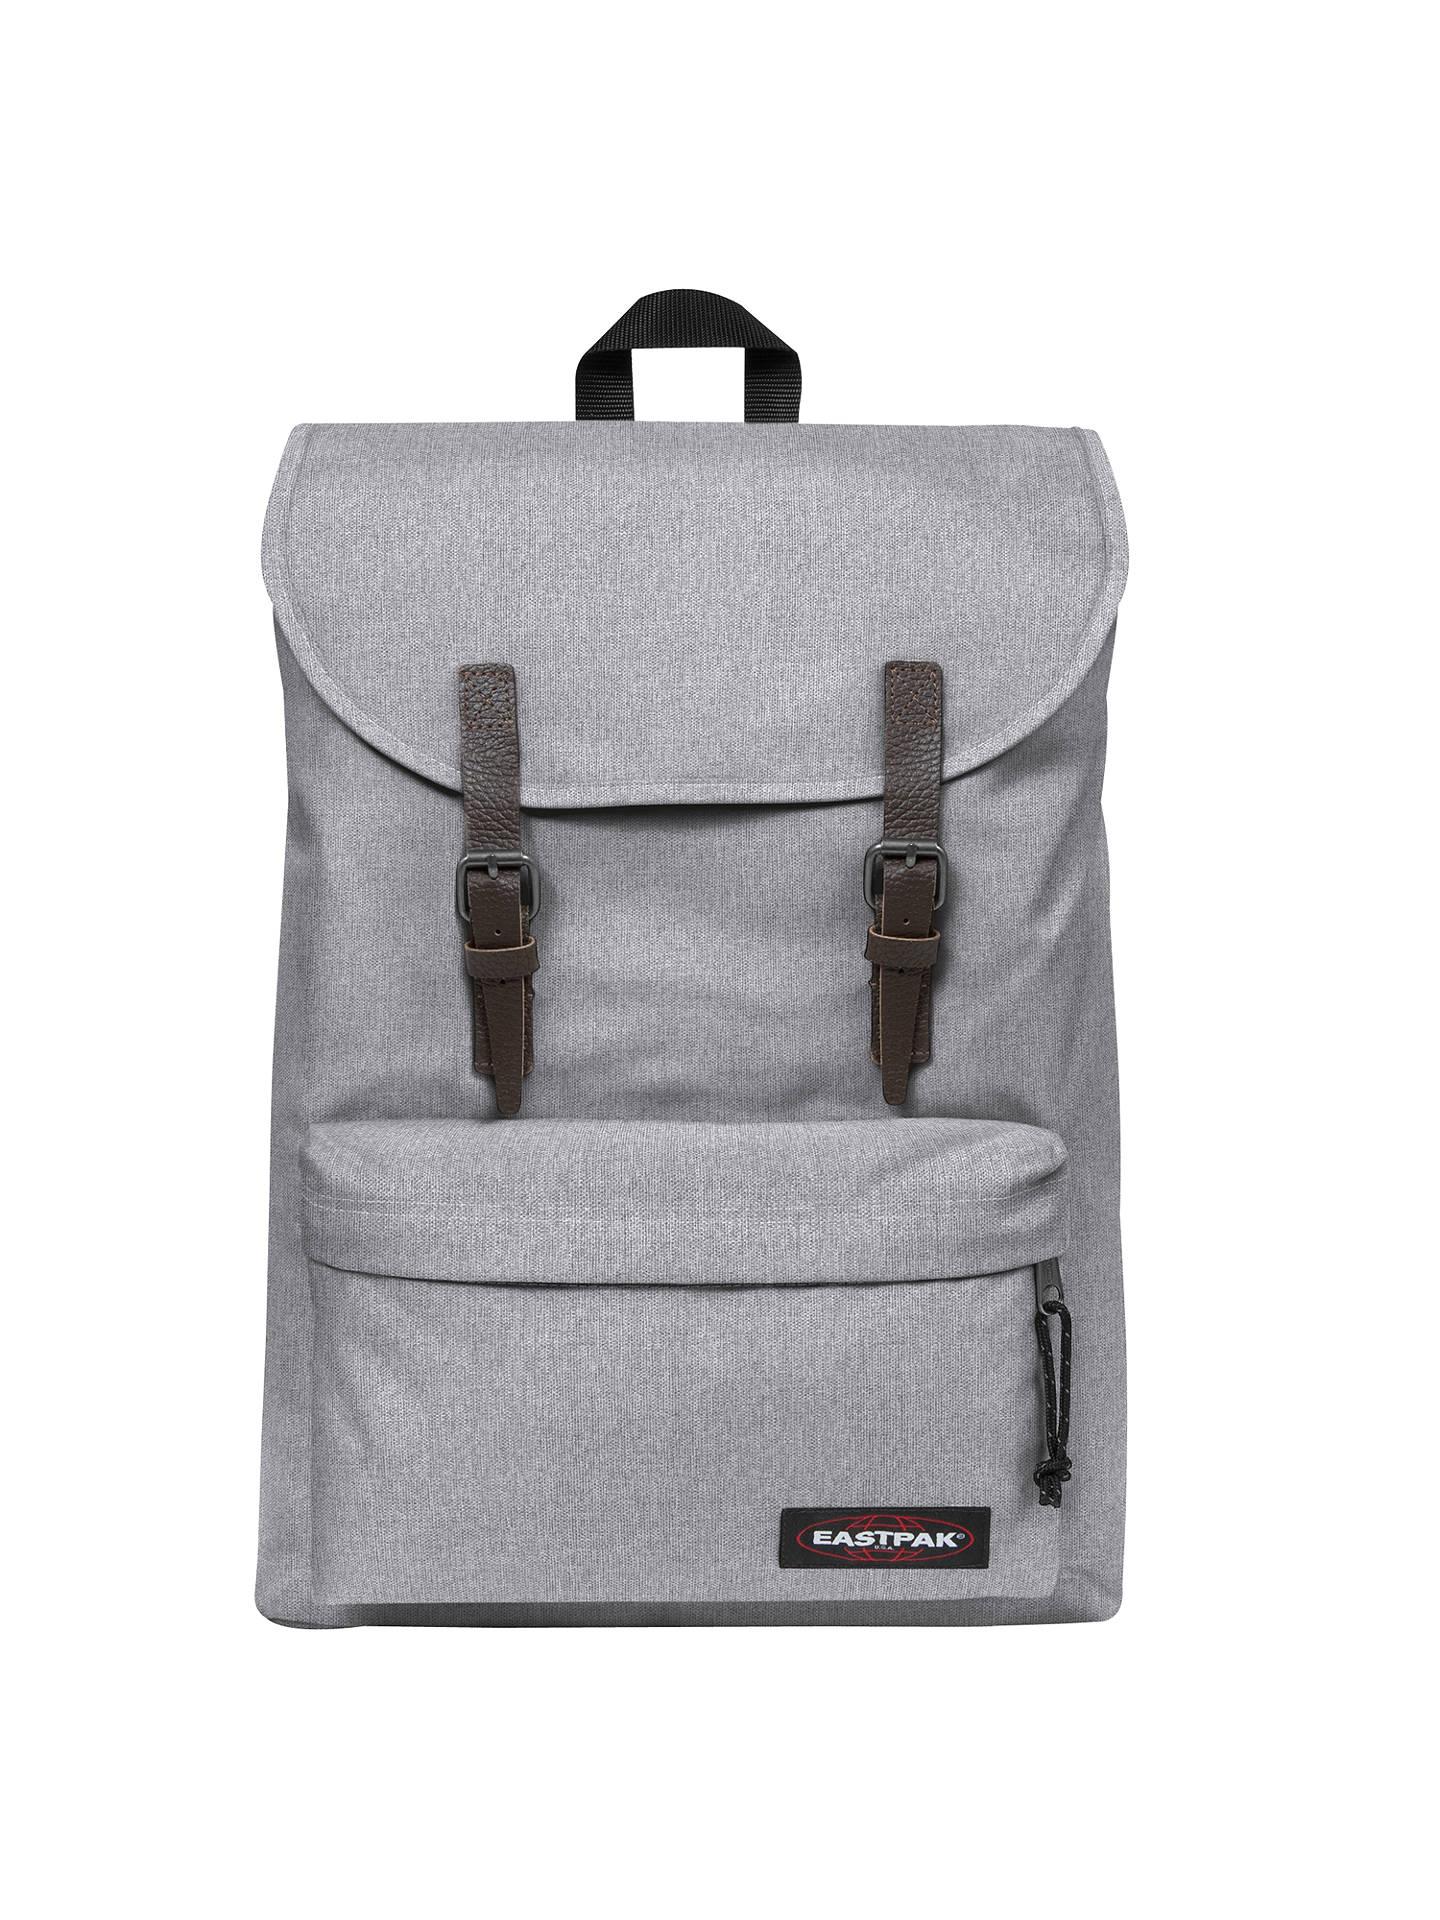 BuyEastpak London Backpack 6050add7f1cd1